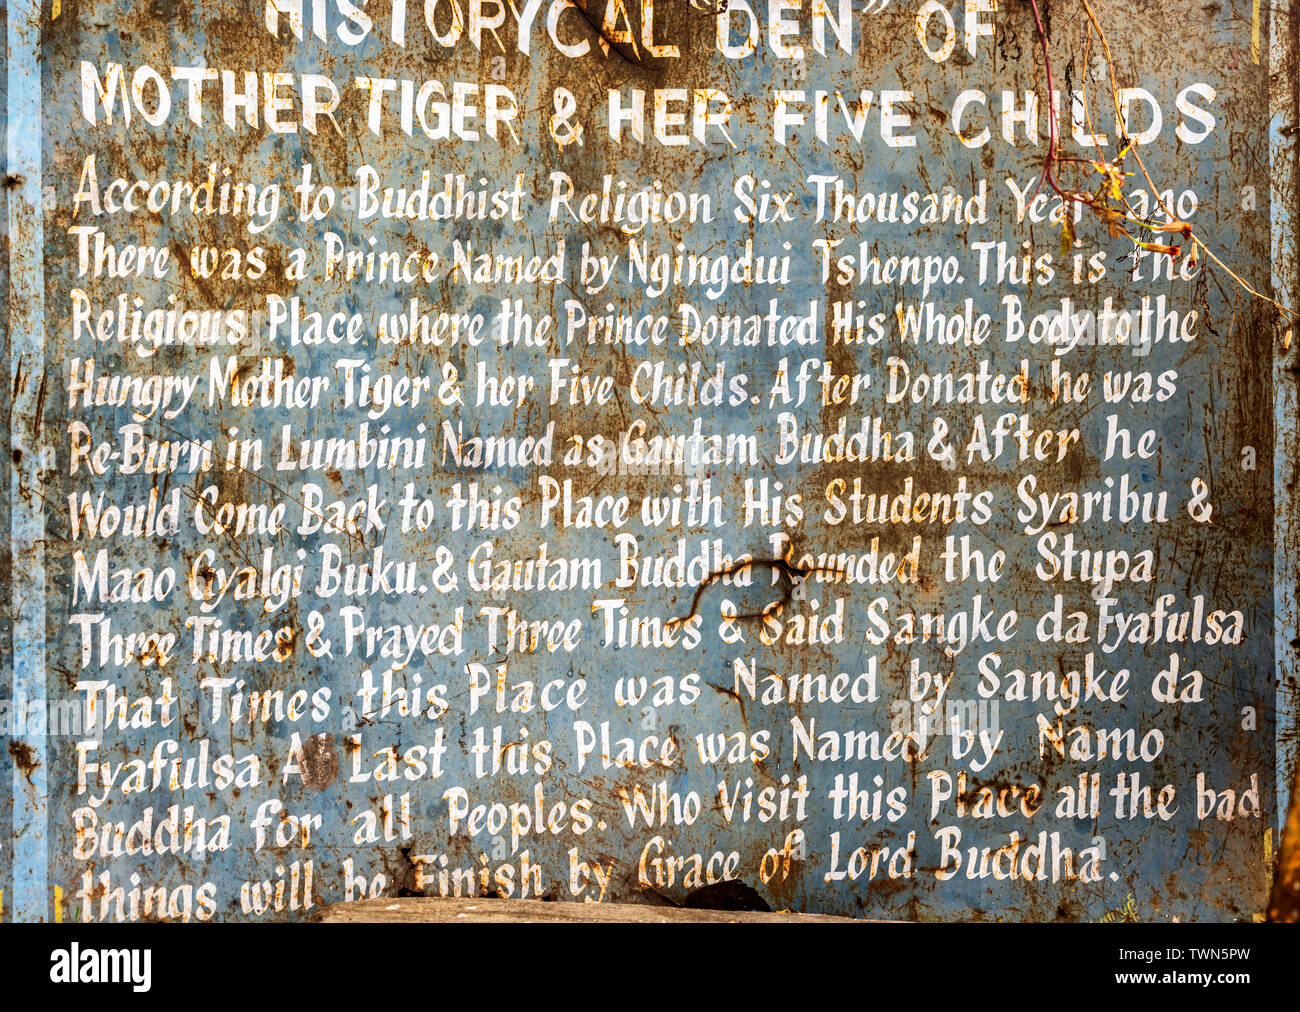 Ver la traducción para turistas de seis mil años de historia sobre el príncipe que dio su biody al hambriento tigre en Namo Buda templo, Nepal. Se construyó un Imagen De Stock